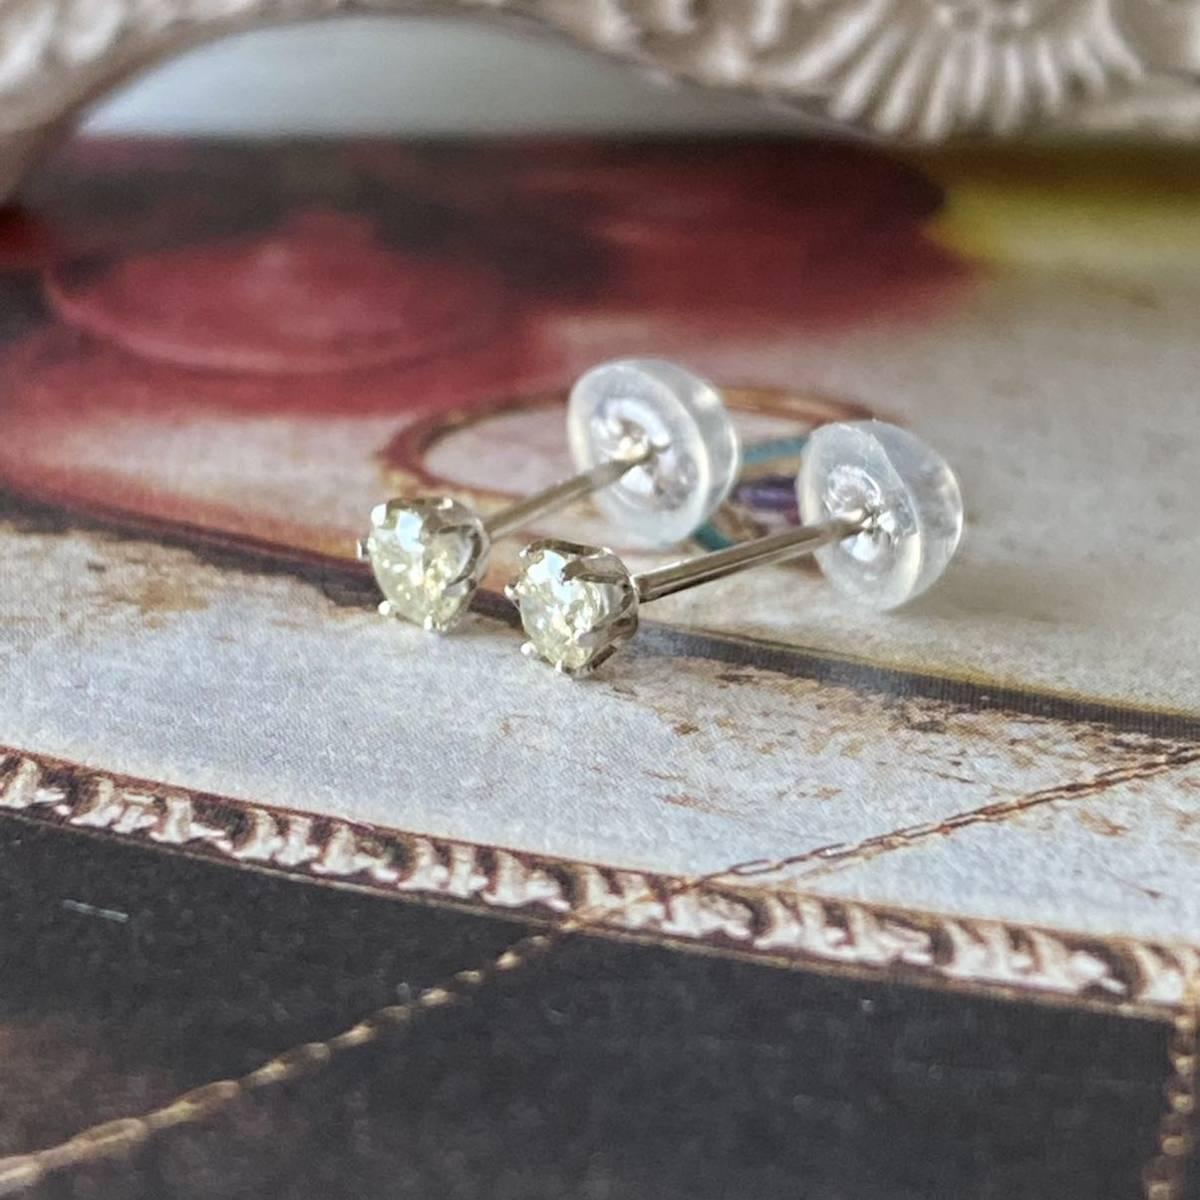 イエローダイヤモンド 1粒ピアス 18金ホワイトゴールド レモンイエロー 送料無料_画像8